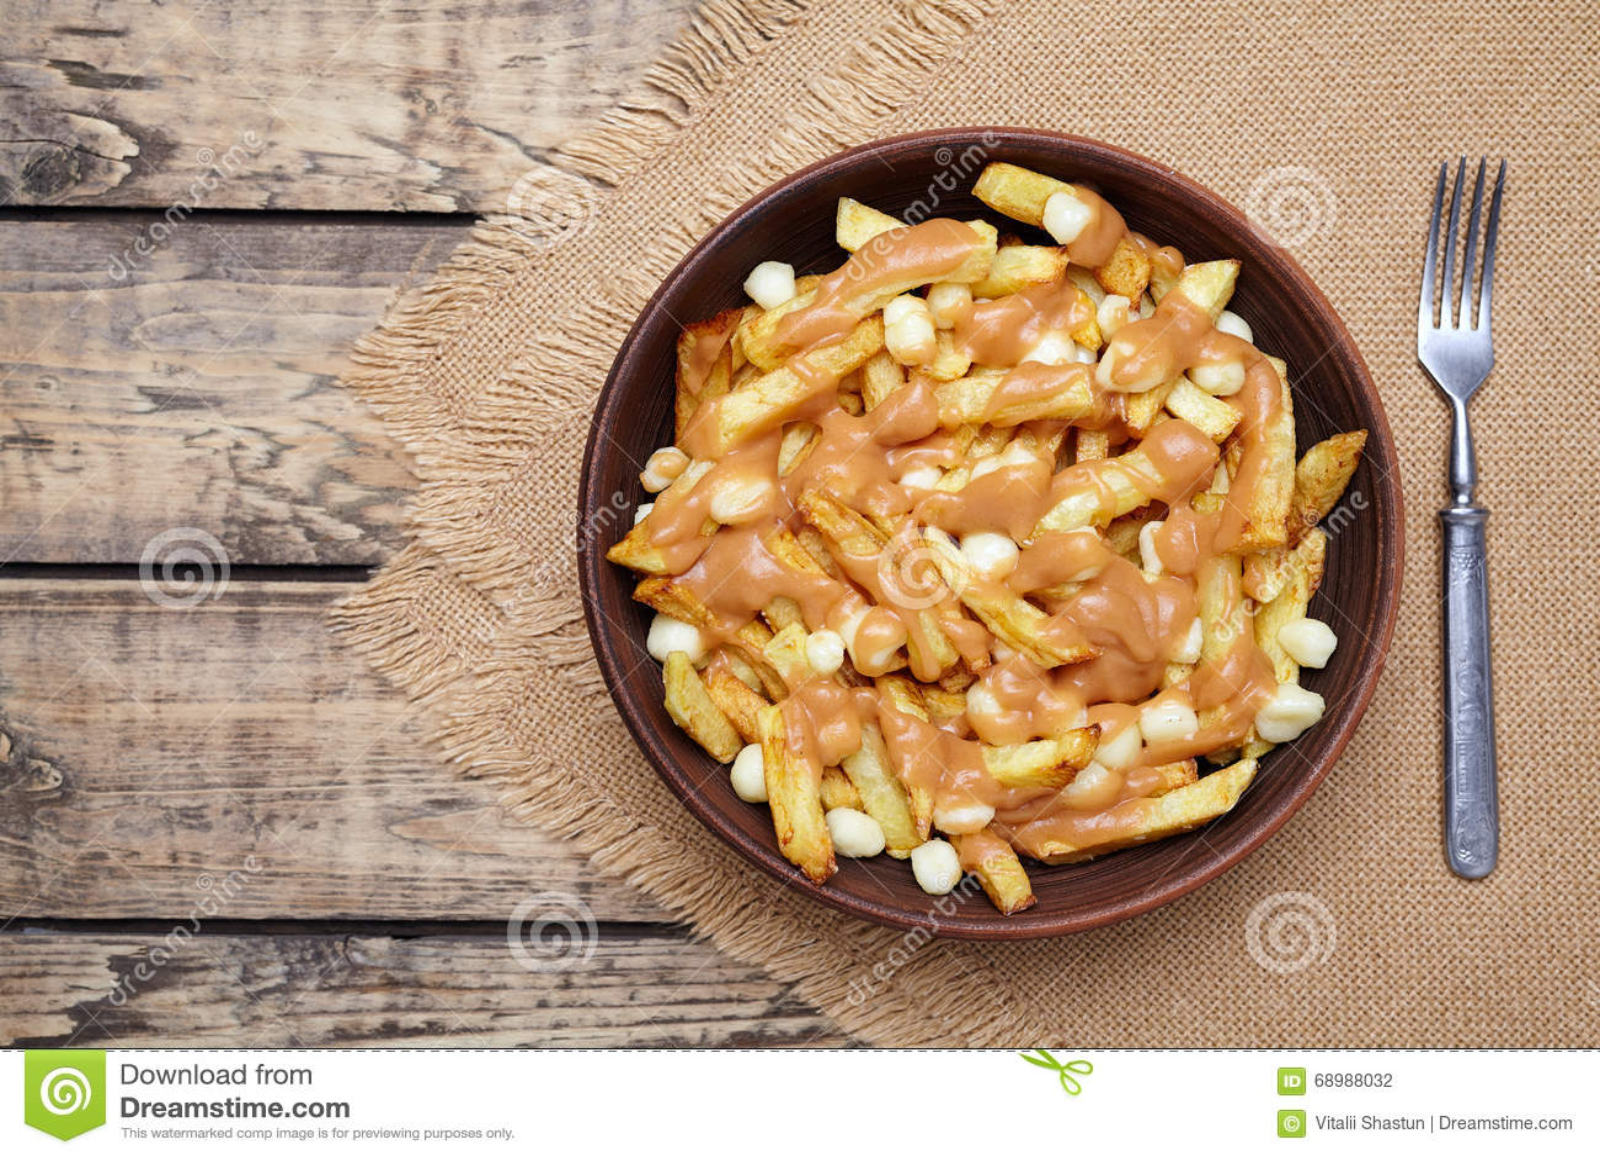 Poutine tradycyjny Kanadyjski posiłek z dłoniakami, curd serem i kumberlandem,